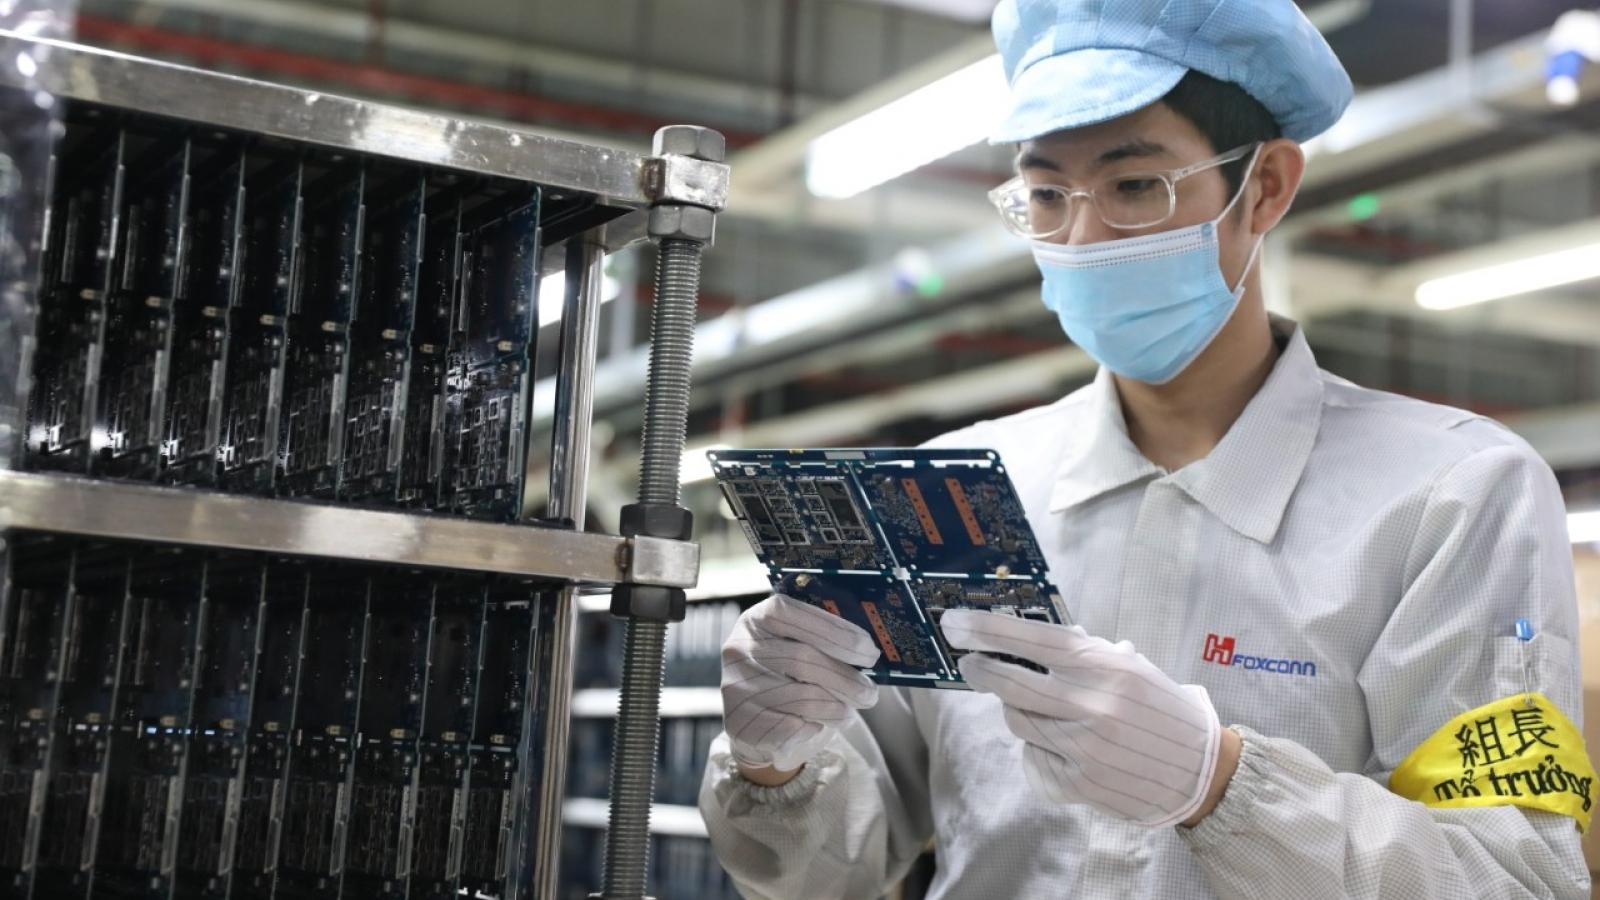 Chuyển đổi số trong doanh nghiệp sản xuất là yêu cầu bức thiết